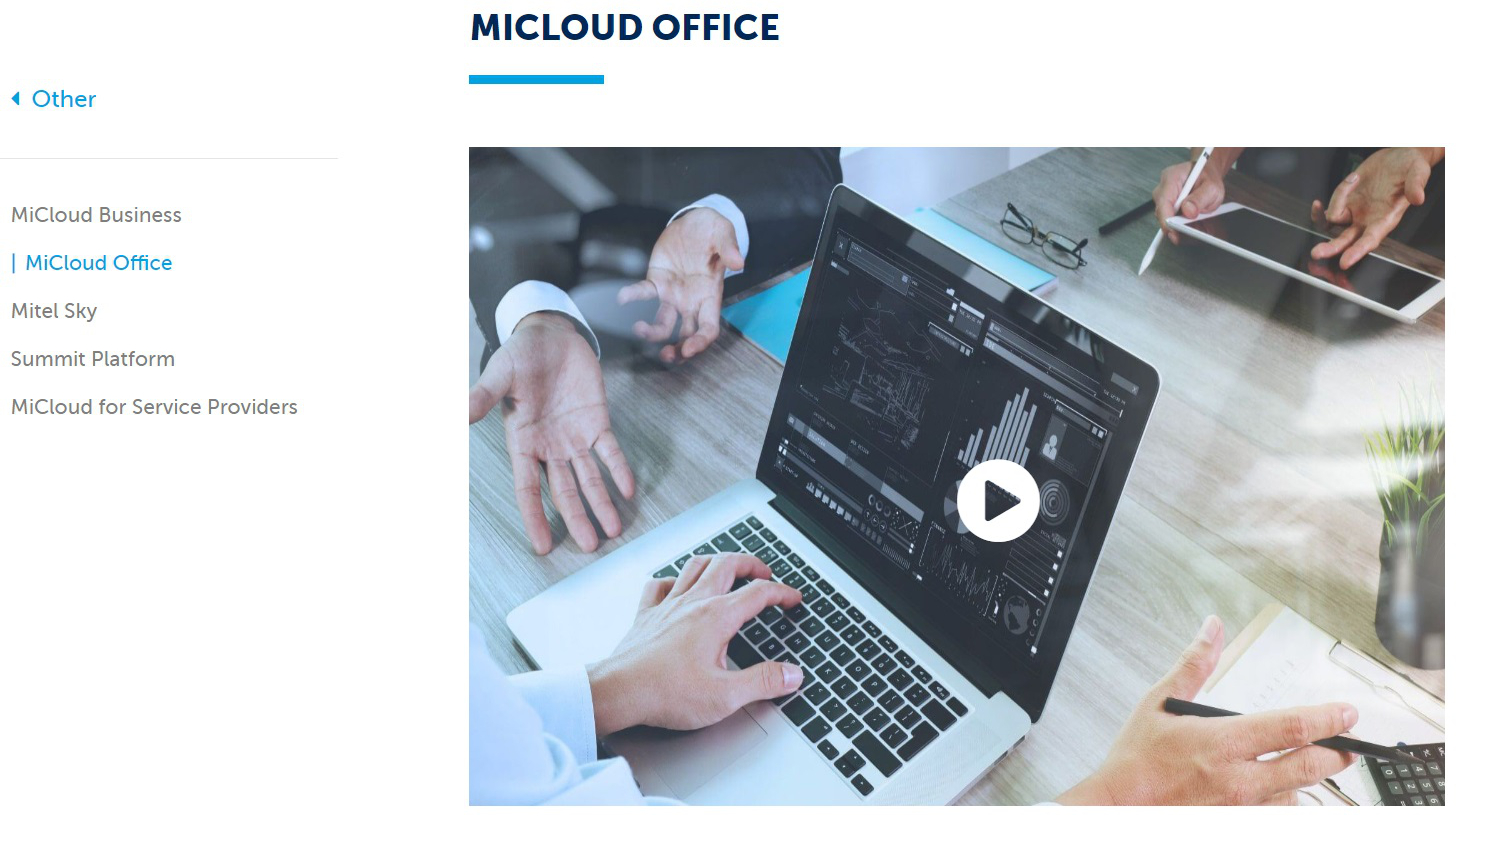 MiCloud Office